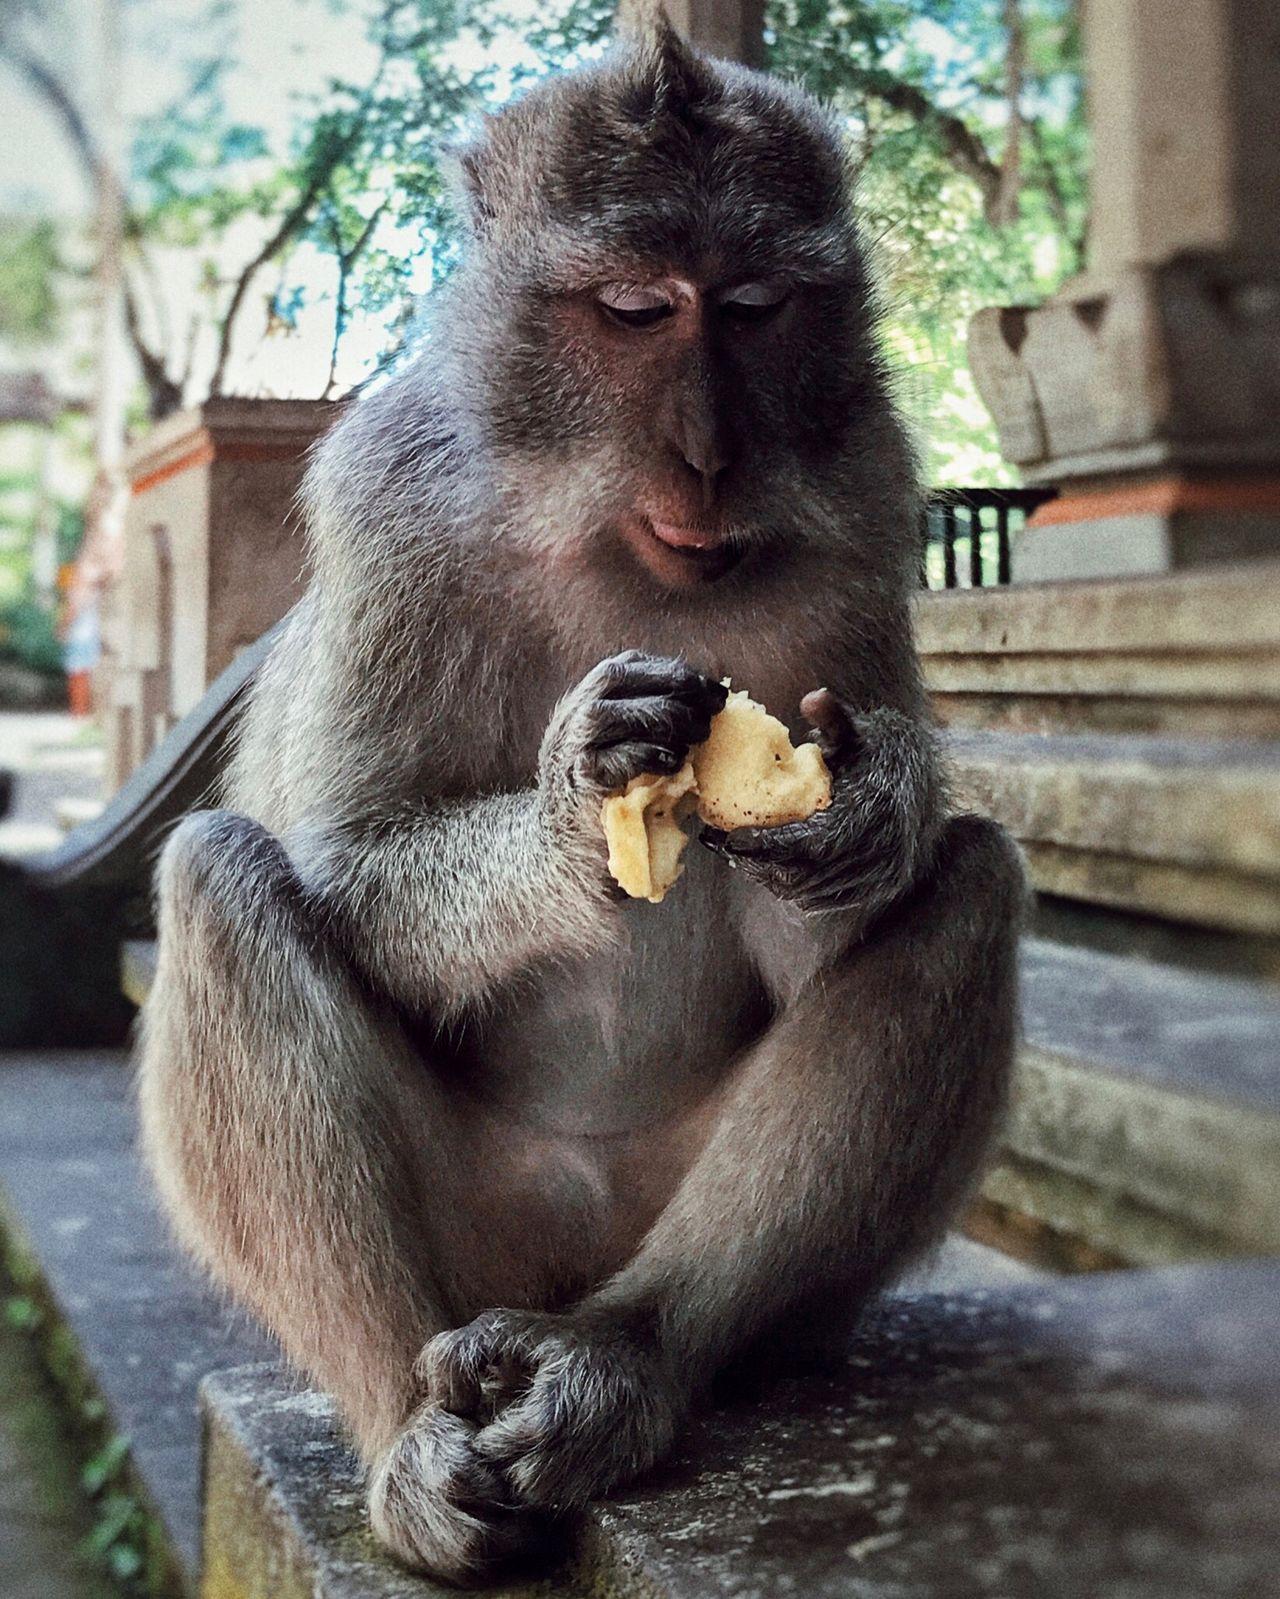 Miam miam 🐒🍌😋, monkeyforest ubud. Animal Themes Monkey Animals In The Wild Sitting Primate Nature Close-up Bali Ubud INDONESIA Picoftheday Banana Sweet